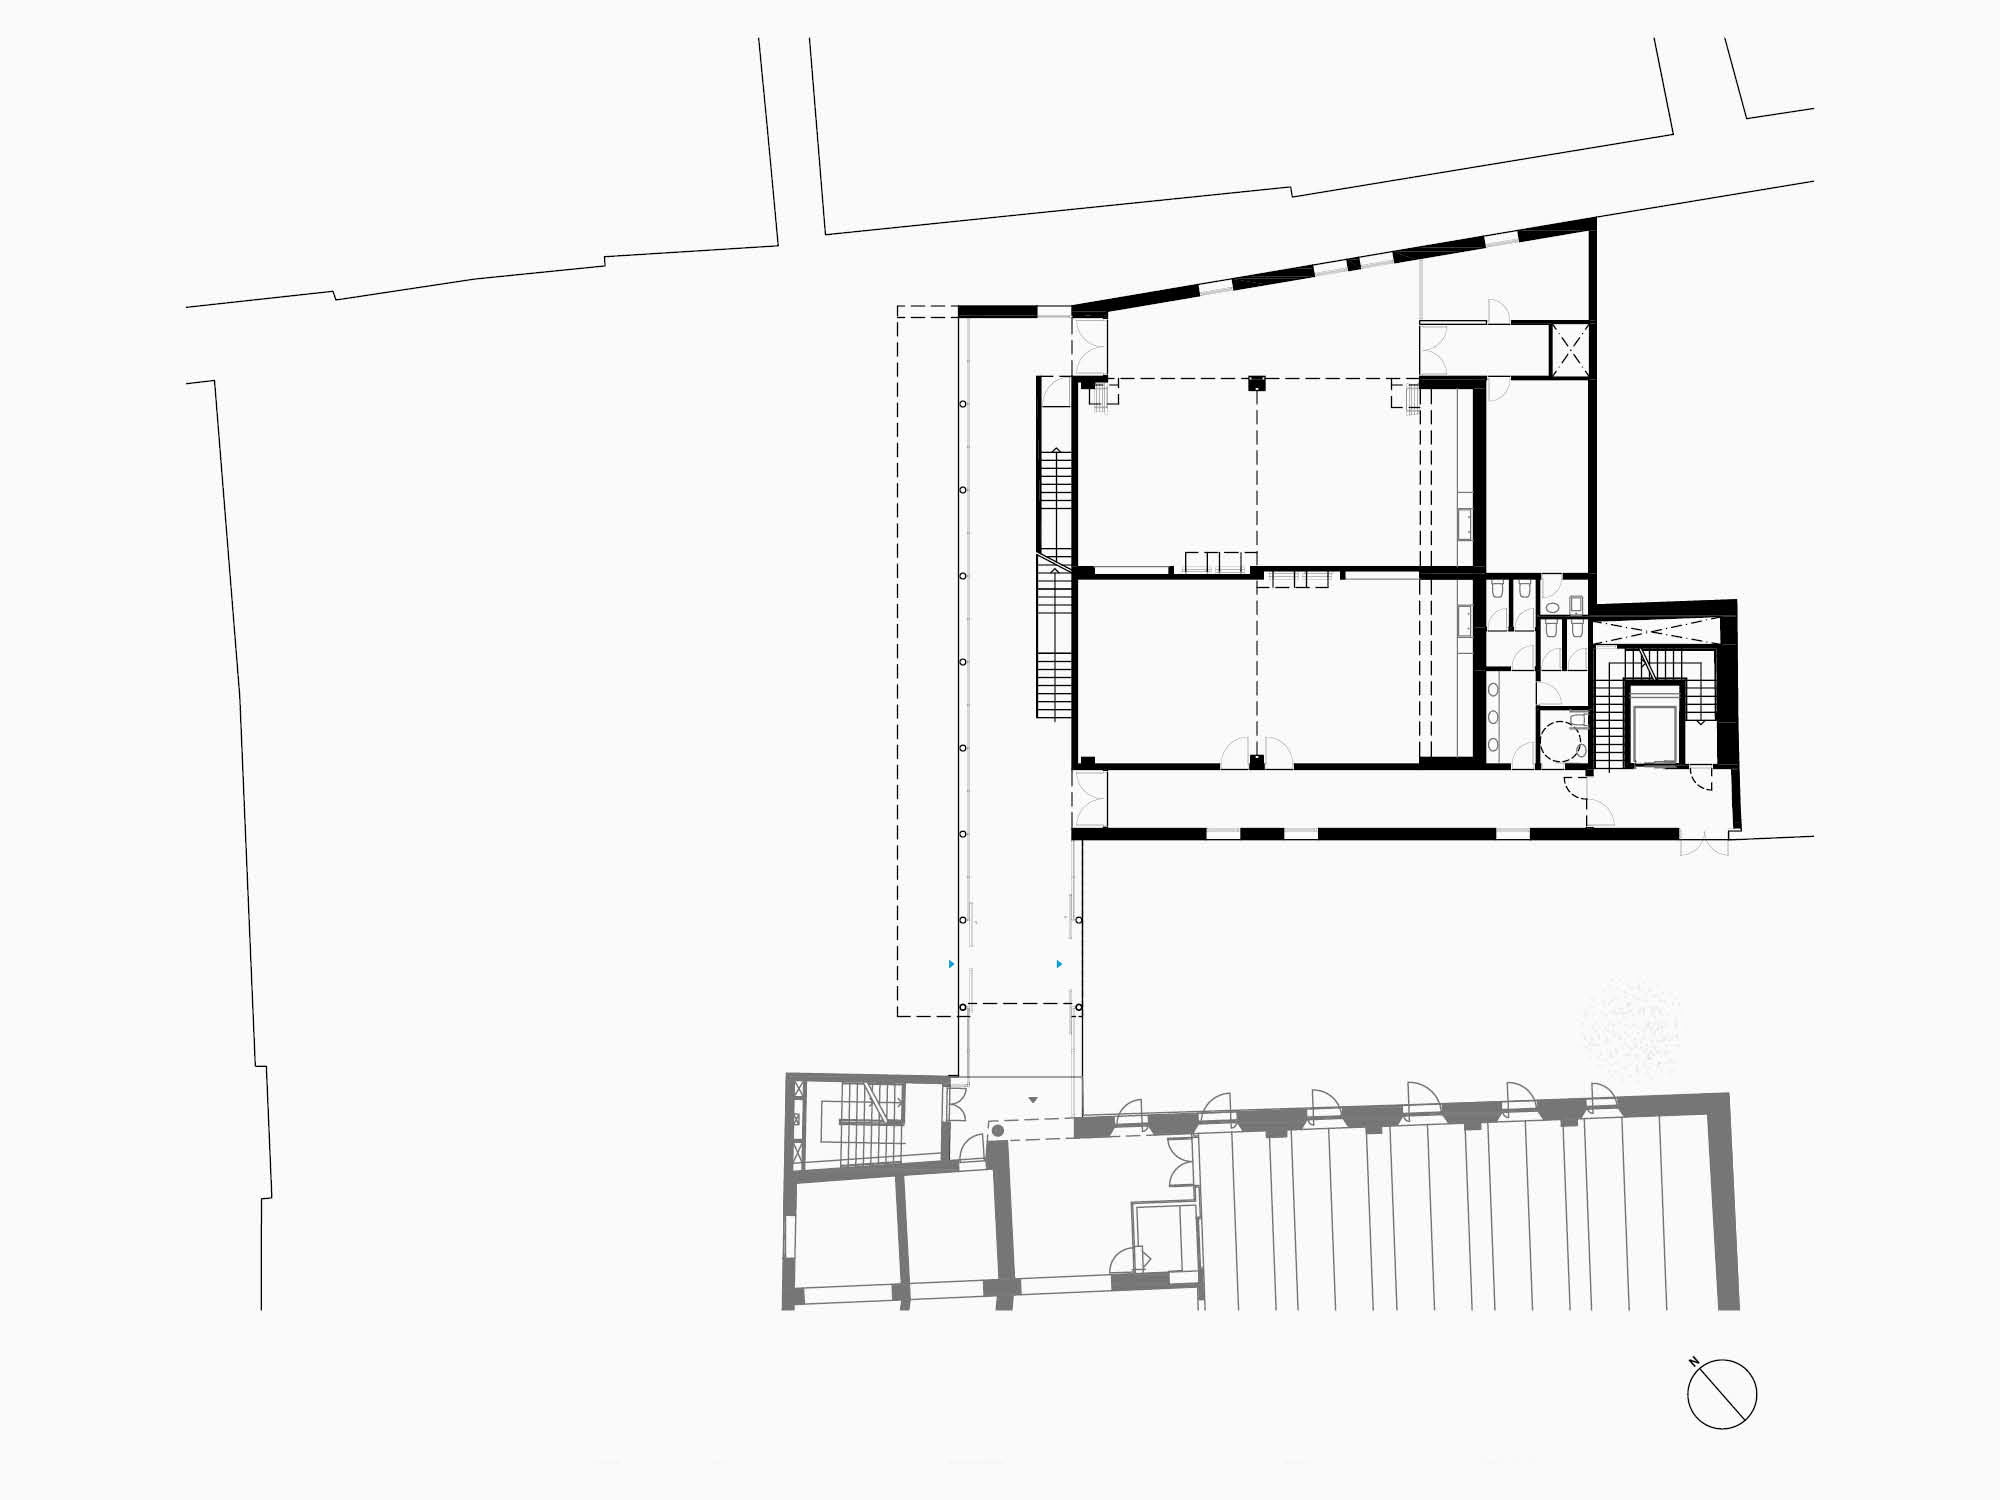 Edifici Annex del Museu Picasso - Garcés - de Seta - Bonet